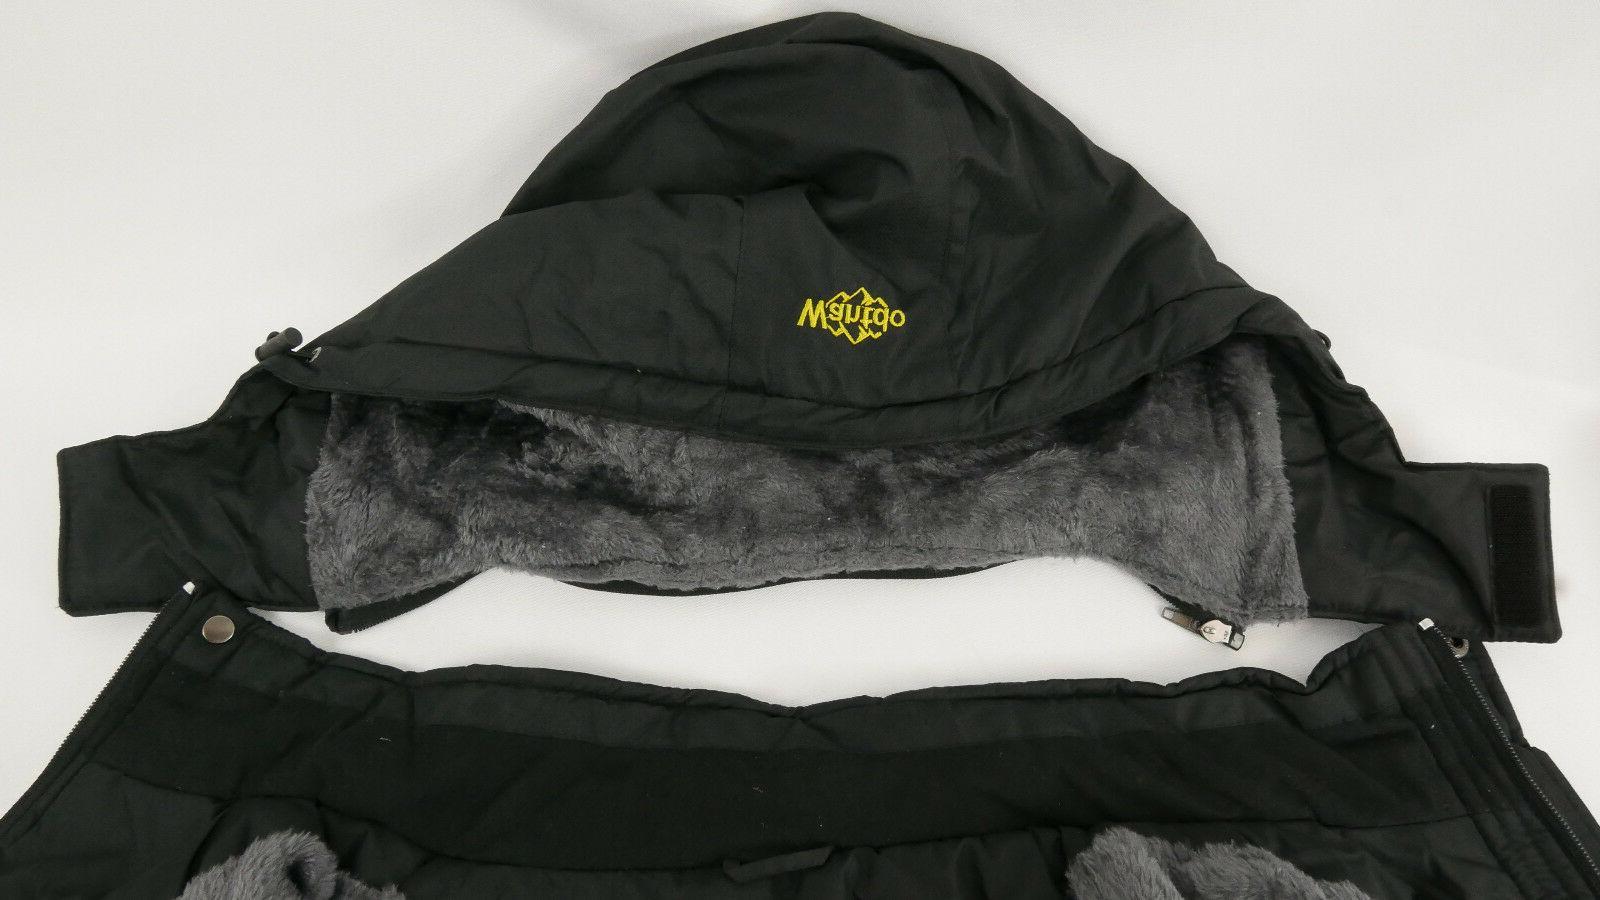 Wantdo Women's Ski Jacket Windproof Jacket XL